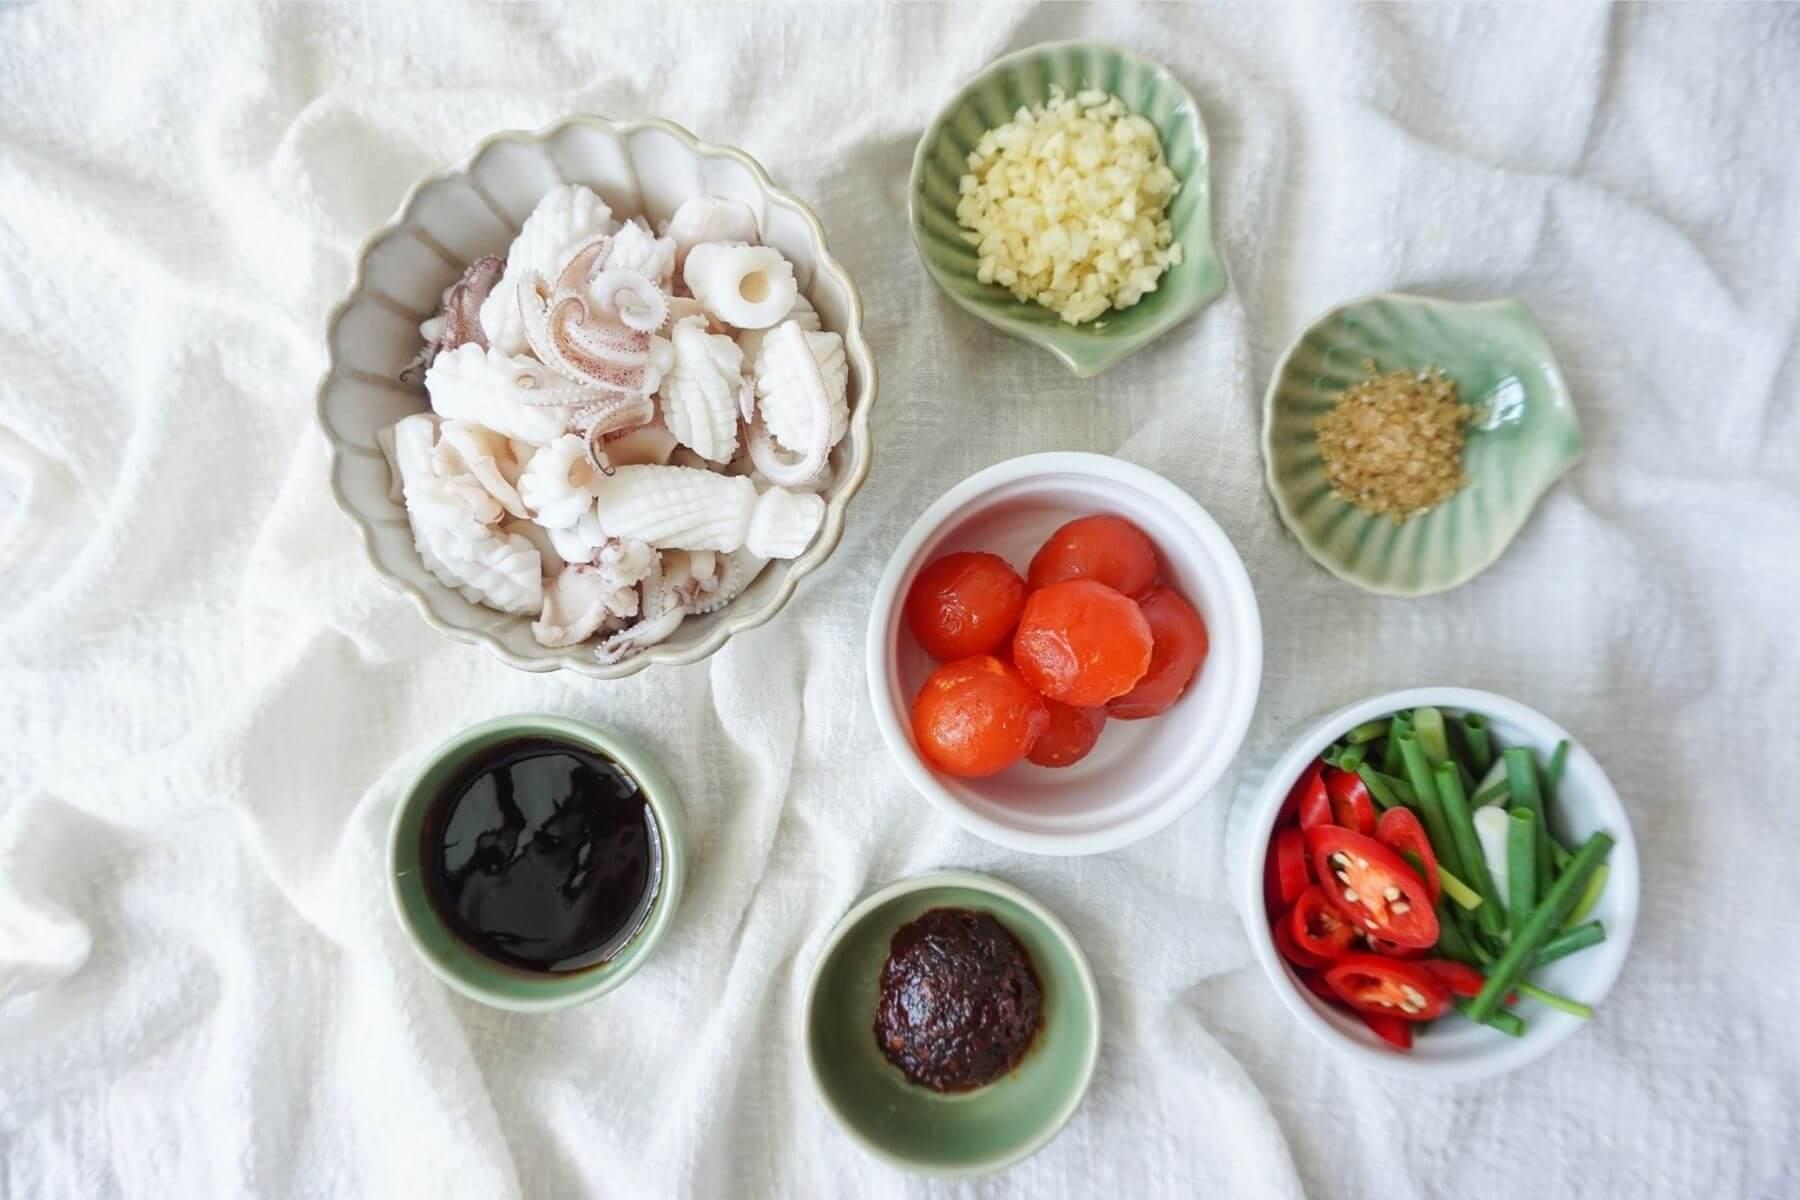 HappyFresh_Stir_Squid_With_Salted_Egg_Ingredients